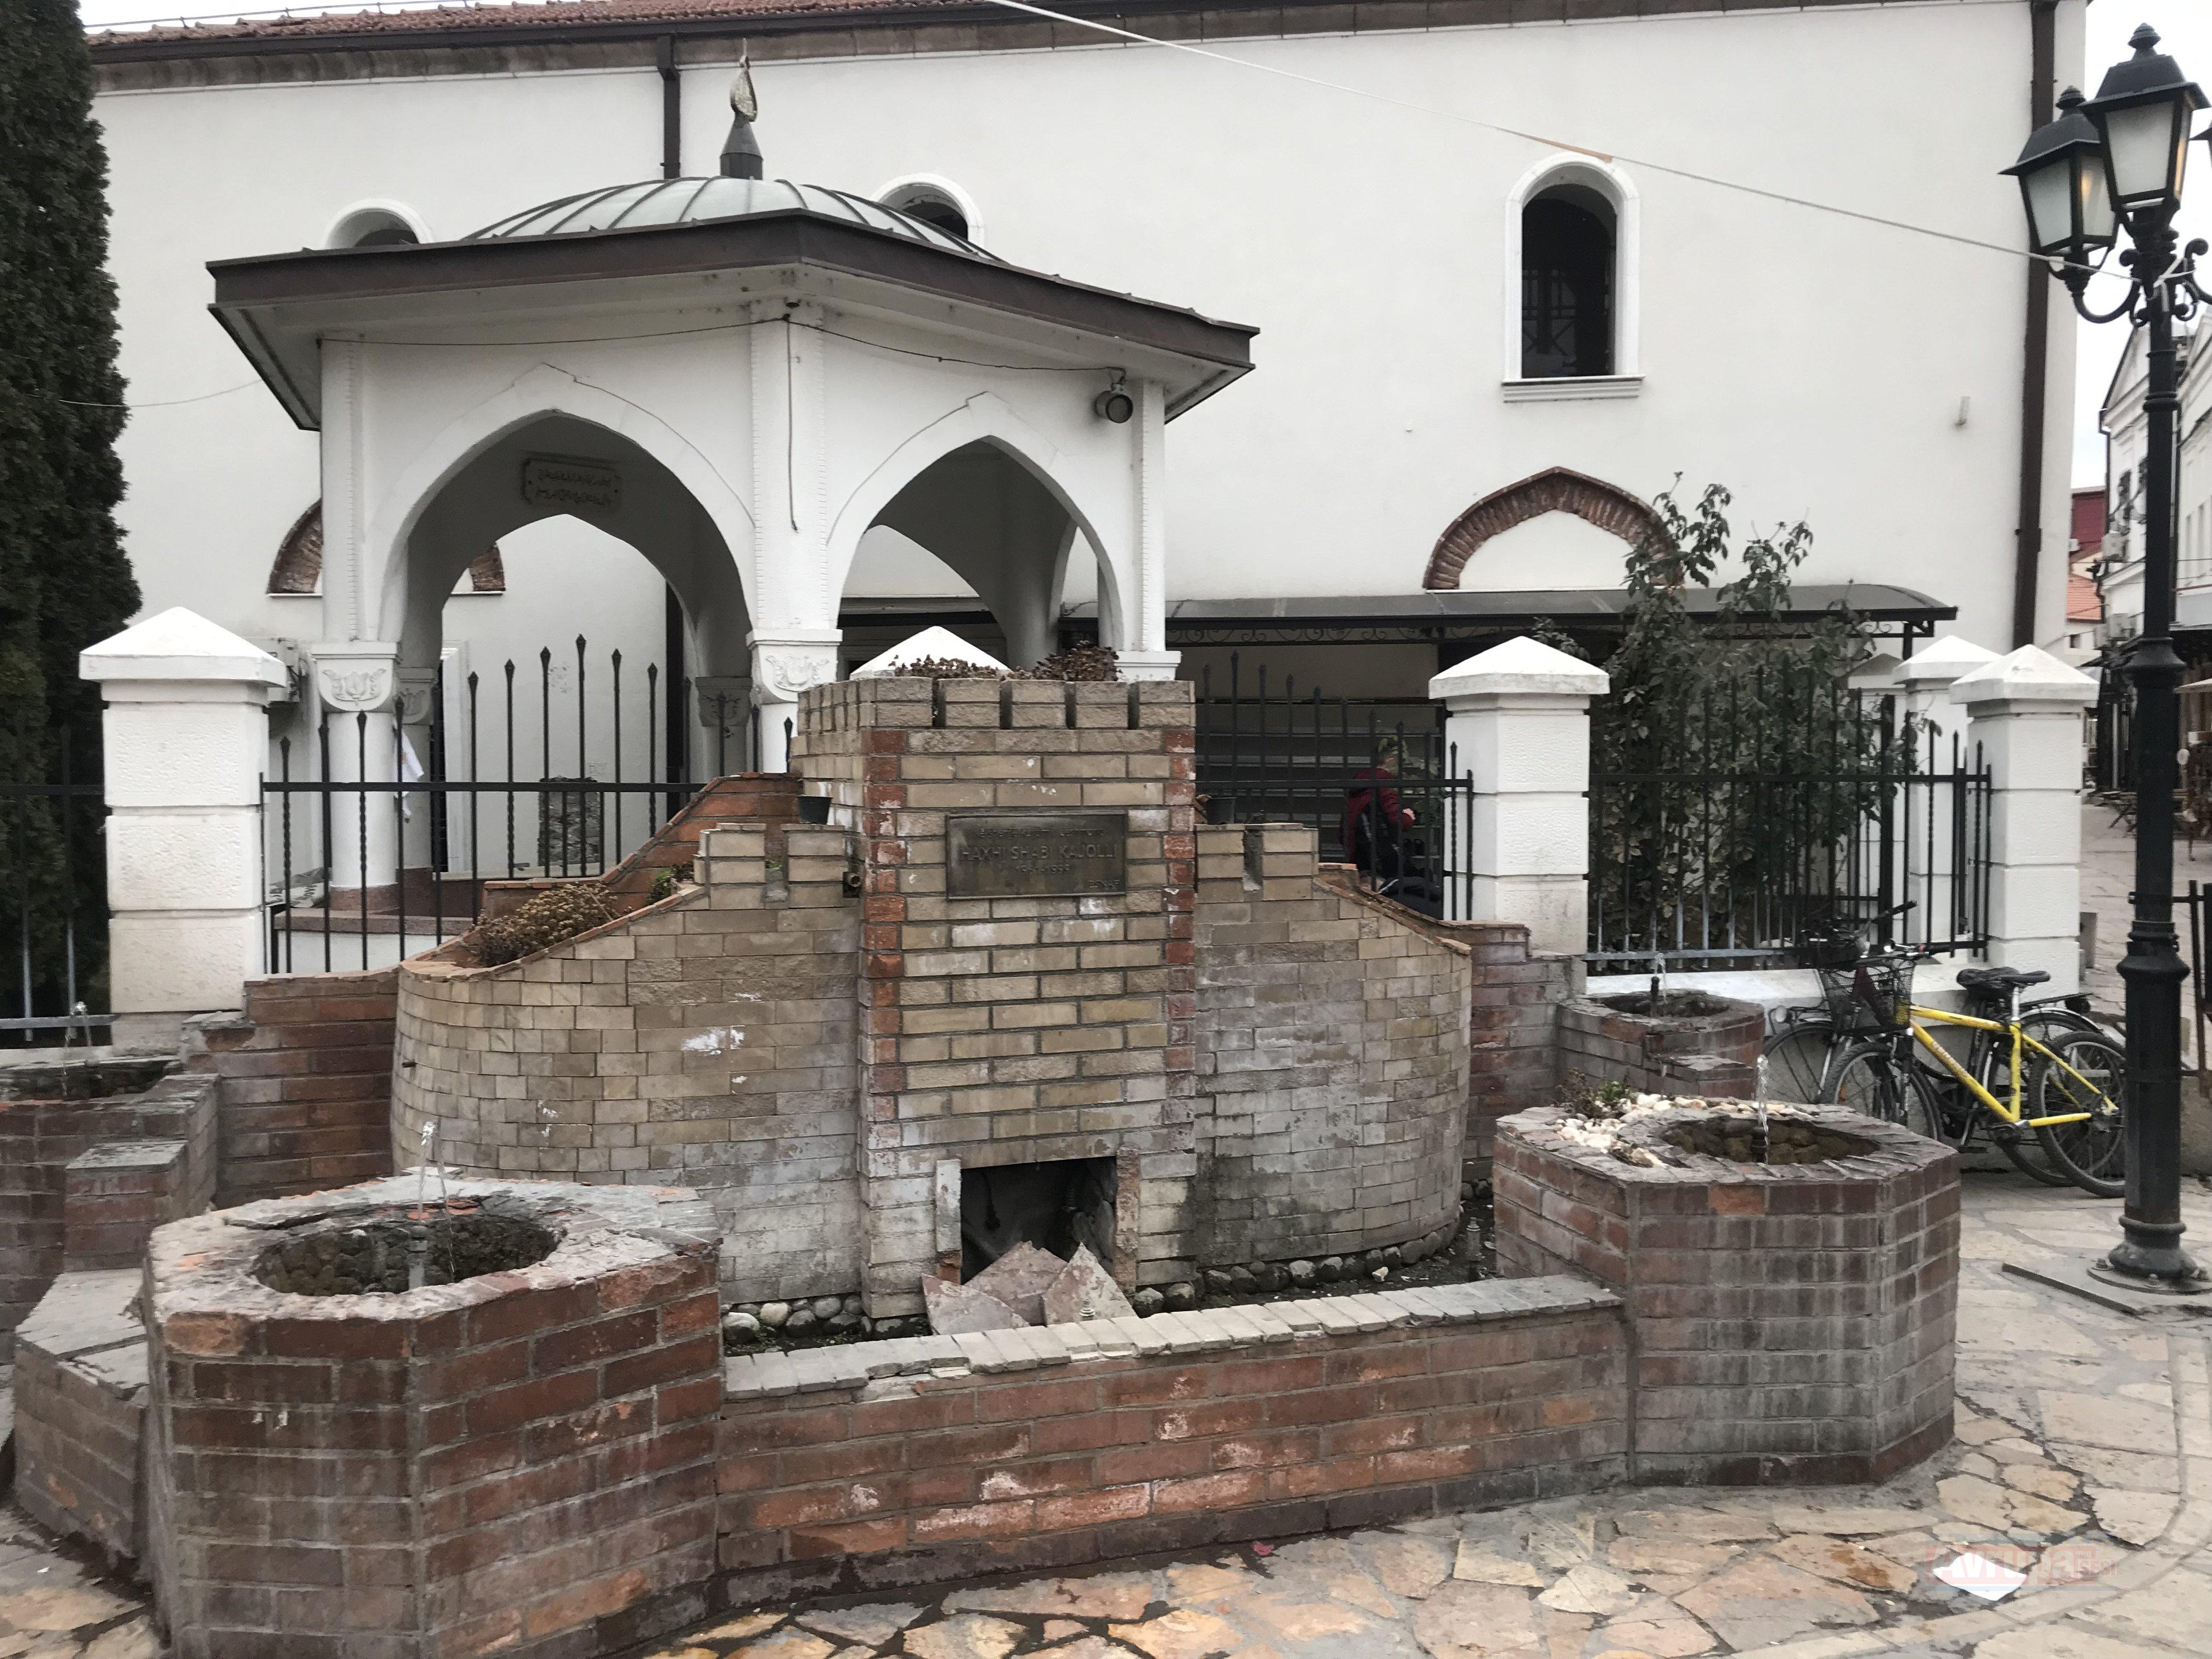 Farklı mimarisiyle Balkan şehri: Üsküp